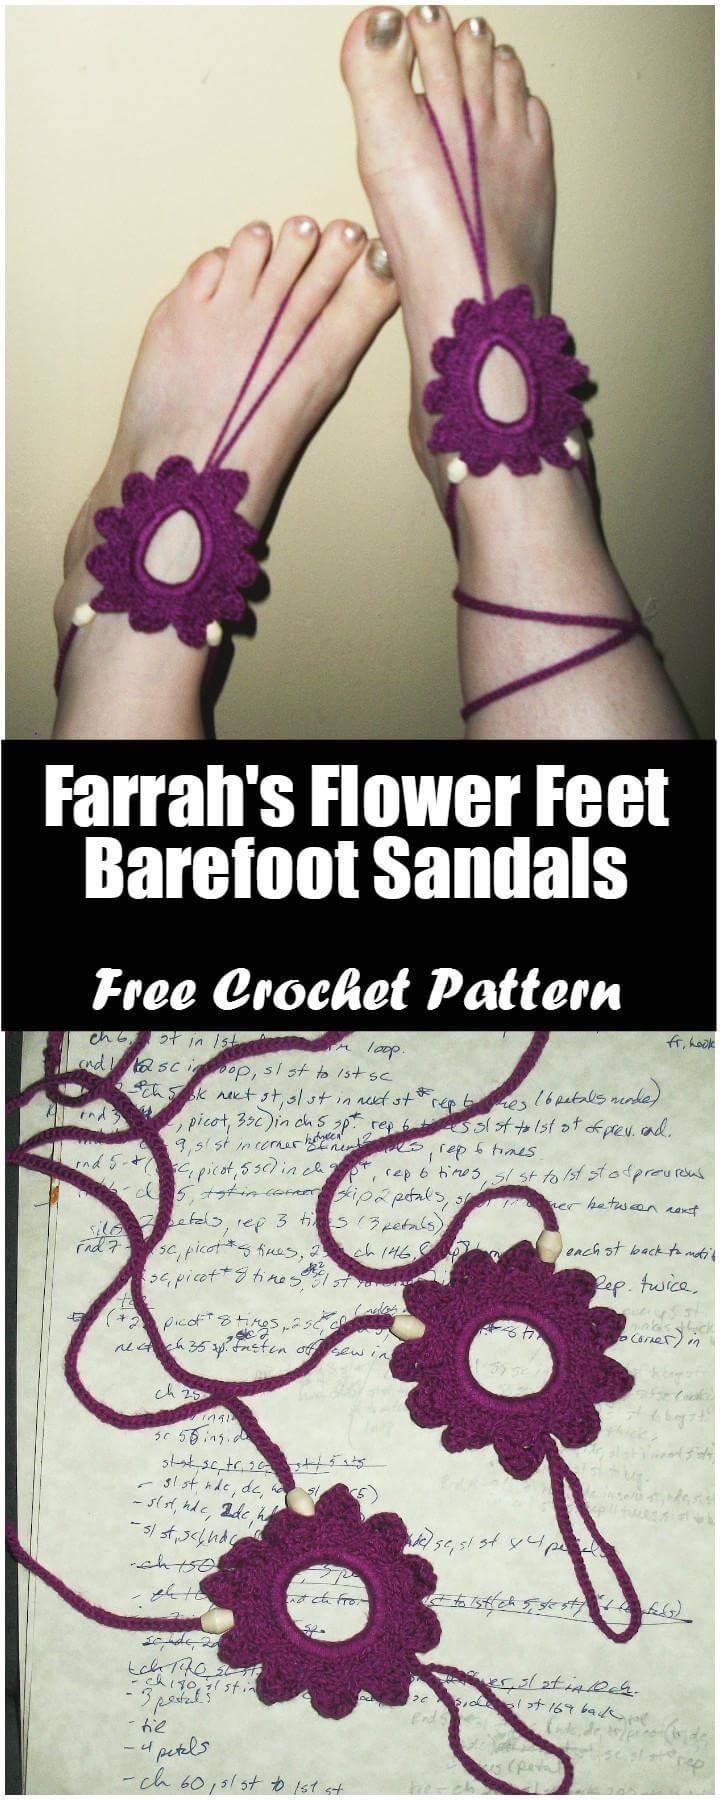 Crochet Farrah's Flower Feet Barefoot Sandals